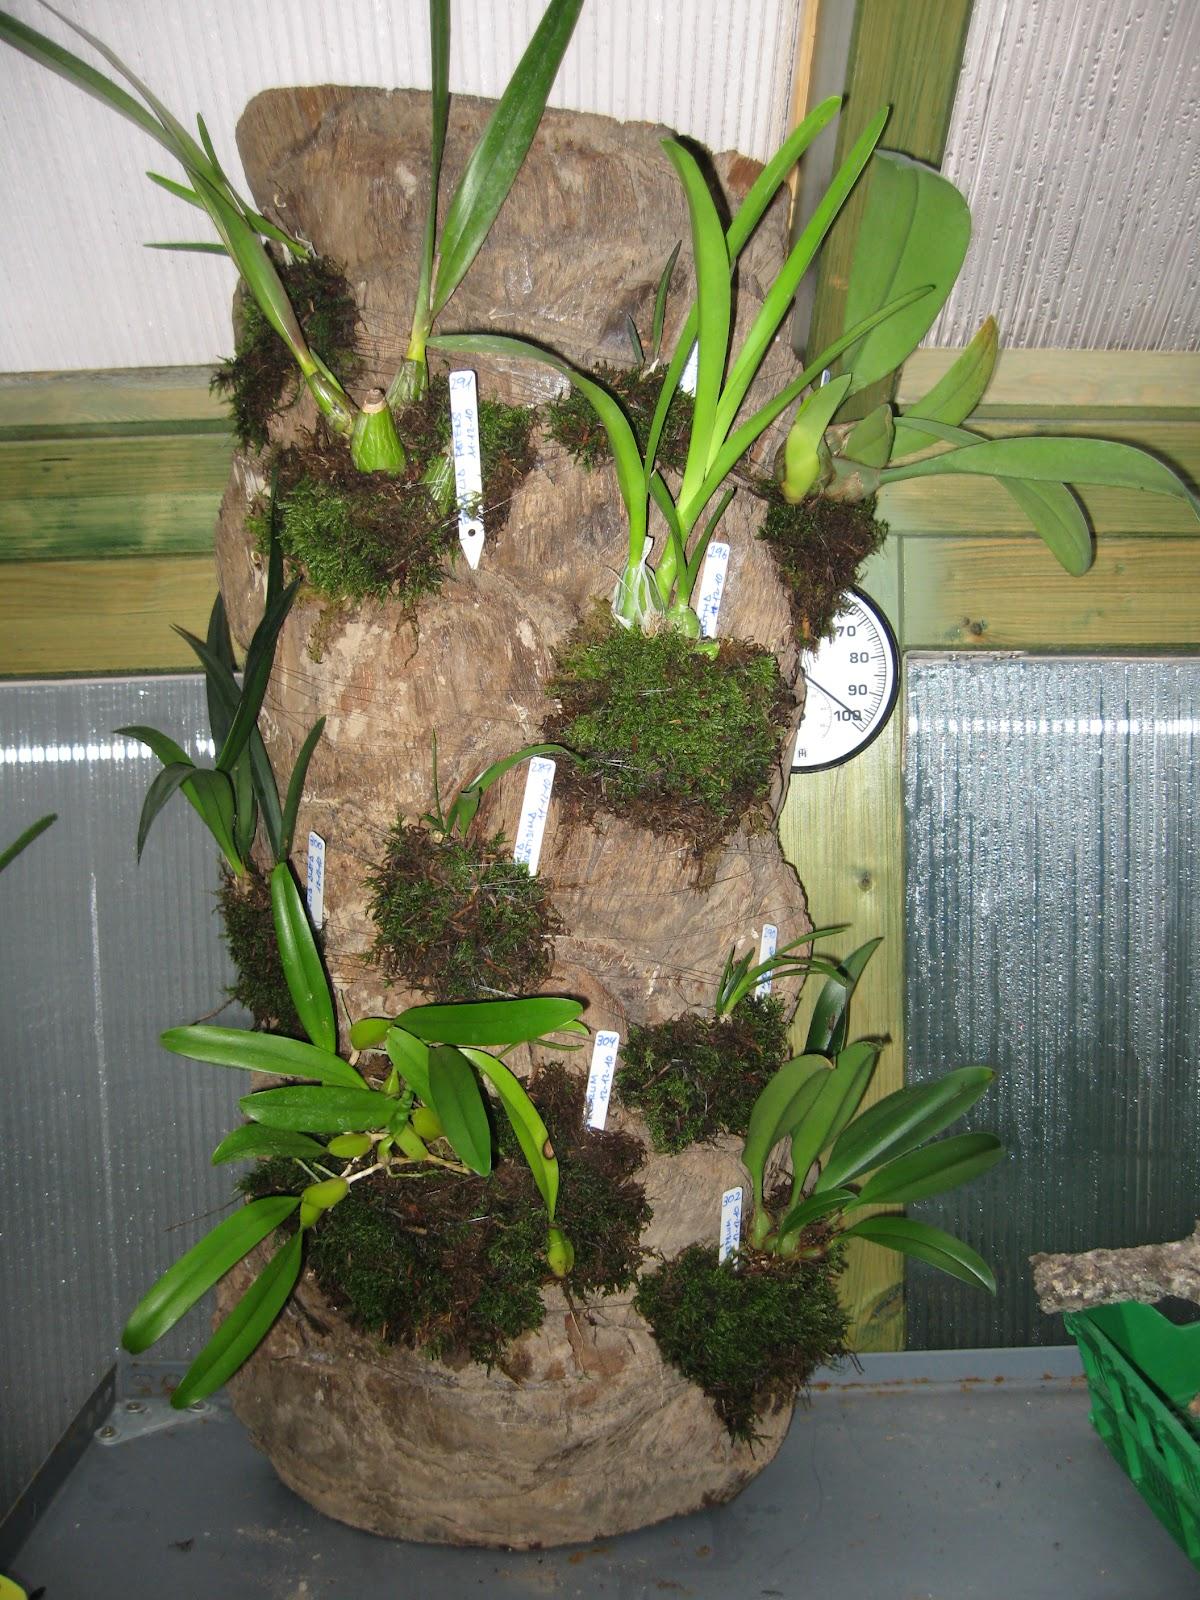 Y este es el resultado del montaje de las orquídeas que os comentaba en la entrada anterior en un tronco de palmera.